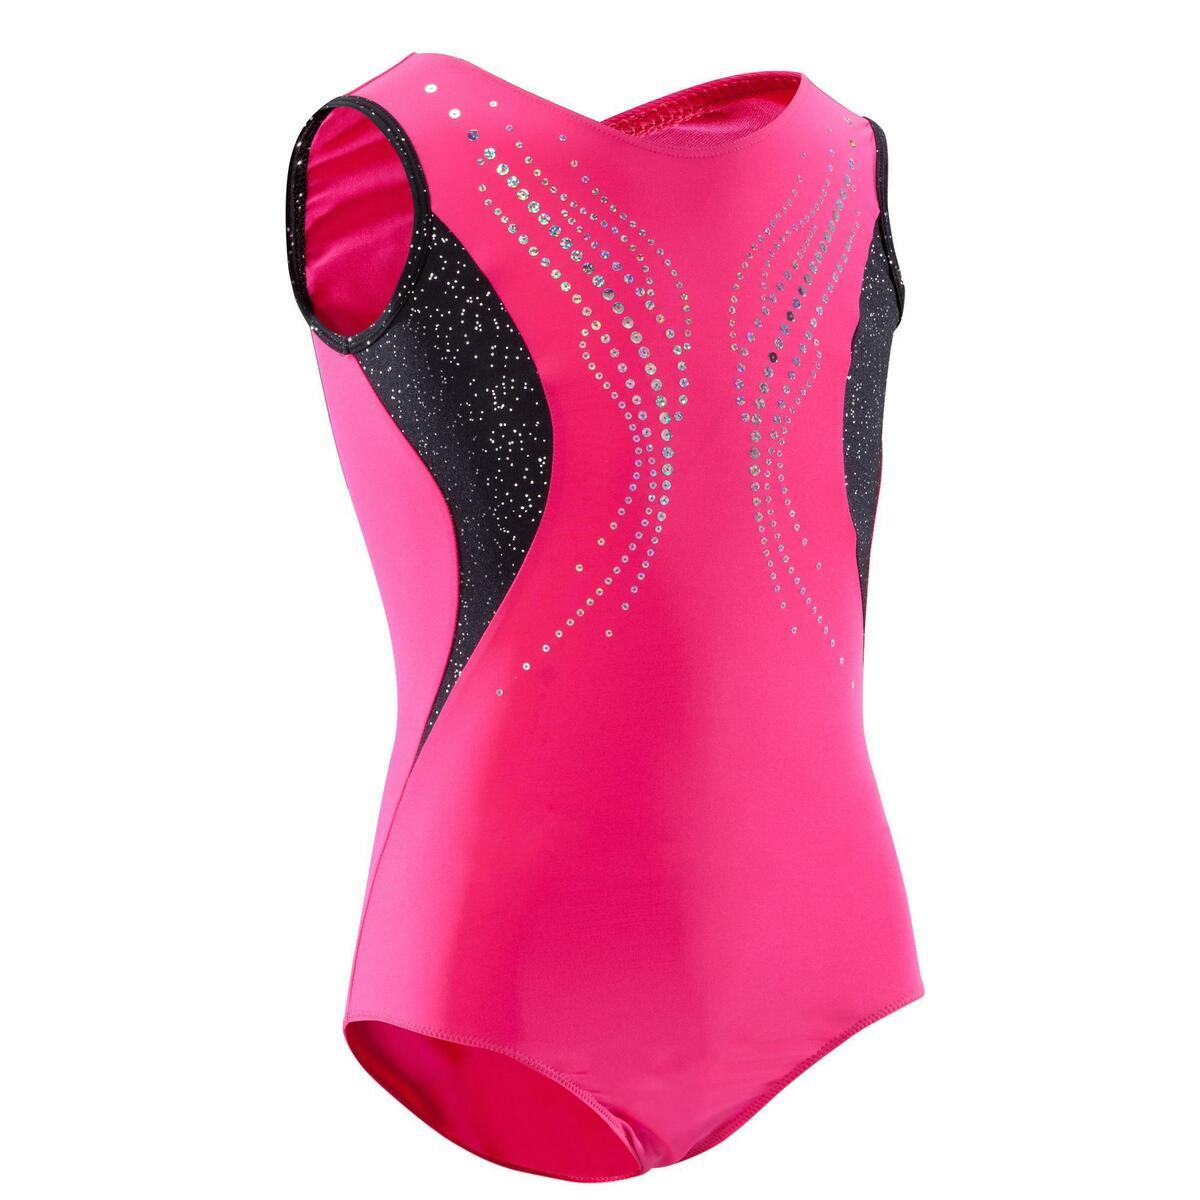 Bild 1 von Gymnastikanzug Turnanzug ärmellos Pailletten rosa